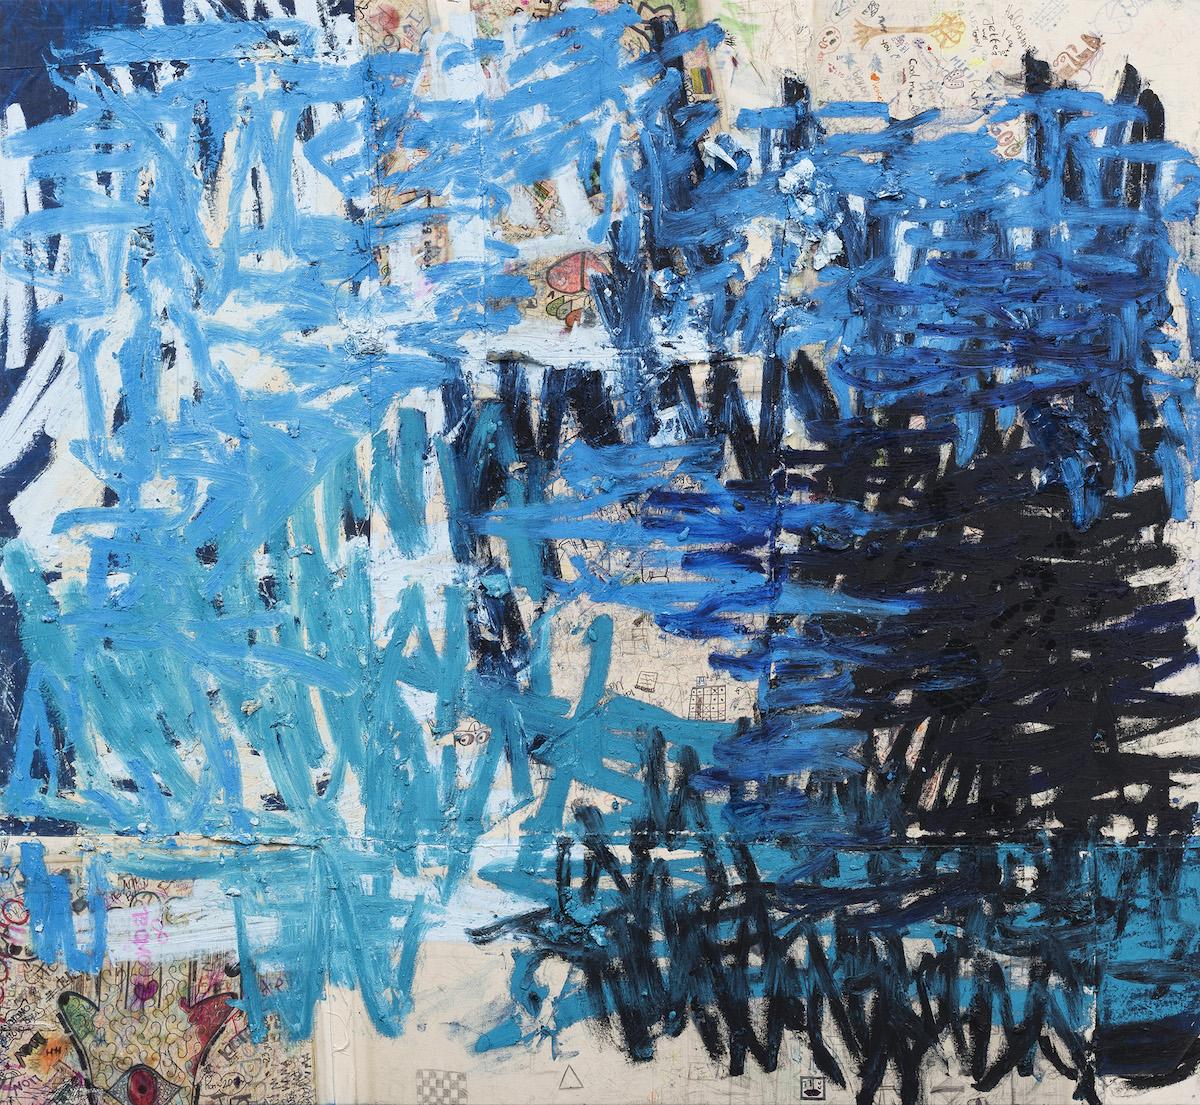 オスカー・ムリーリョ 《攪乱された周波(トルコ、コロンビア、ドイツ)》 2013-2019年 撮影:Tony Prikryl 画像提供:アスペン美術館